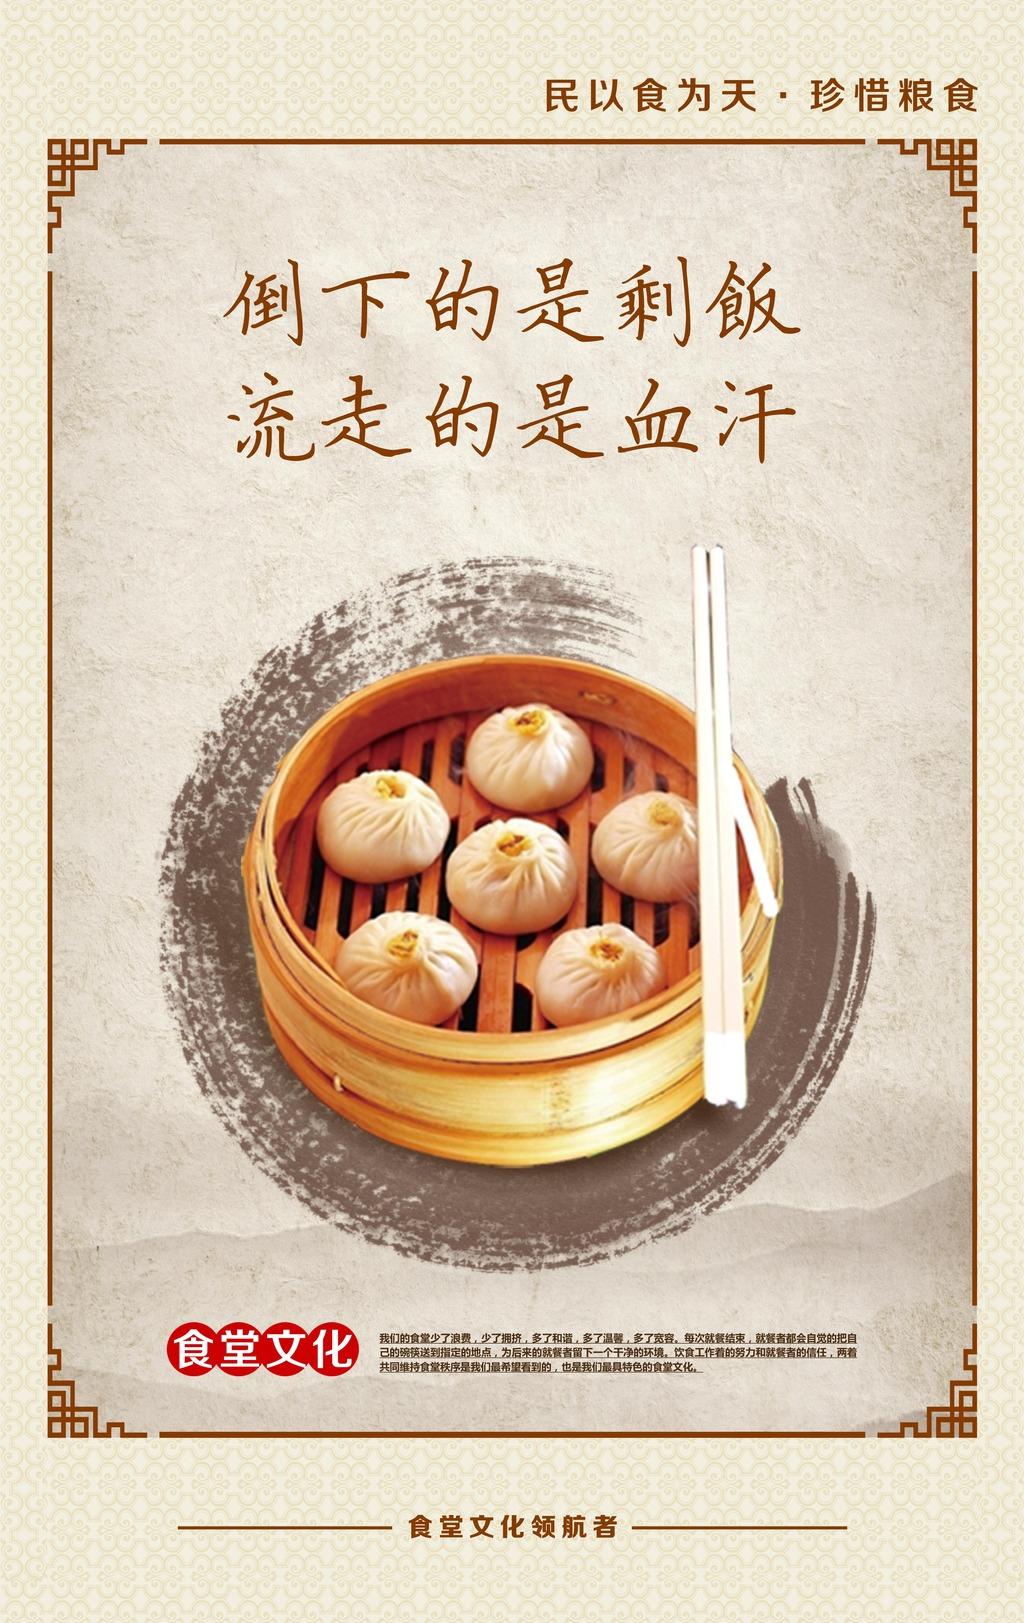 关于食堂的海报_学校食堂文化海报模版模板下载图片编号117